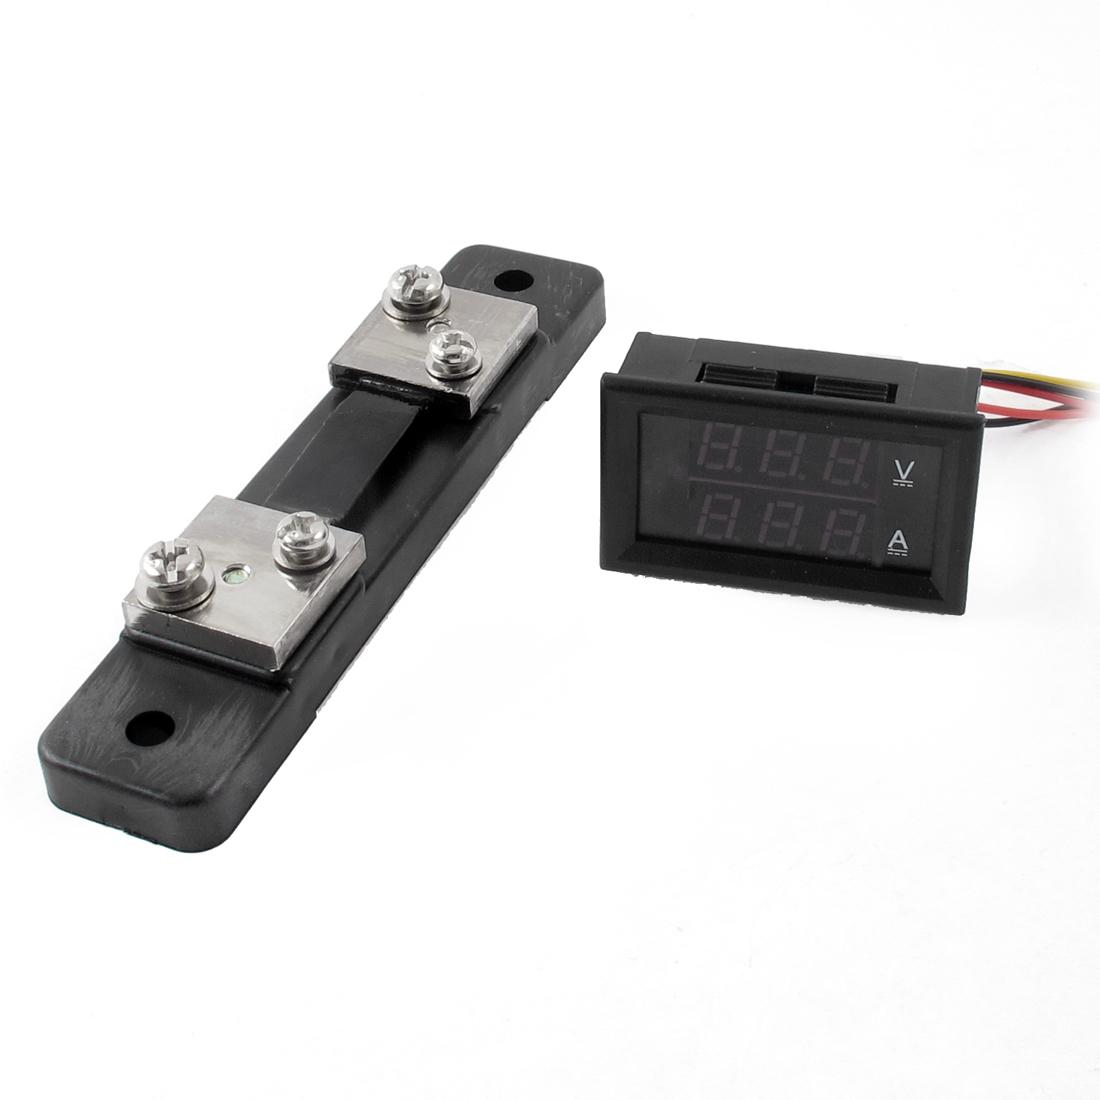 100V 999mA DC Digital Voltmeter Ammeter LED Ampere Volt Meter YB27VA + Current Shunt